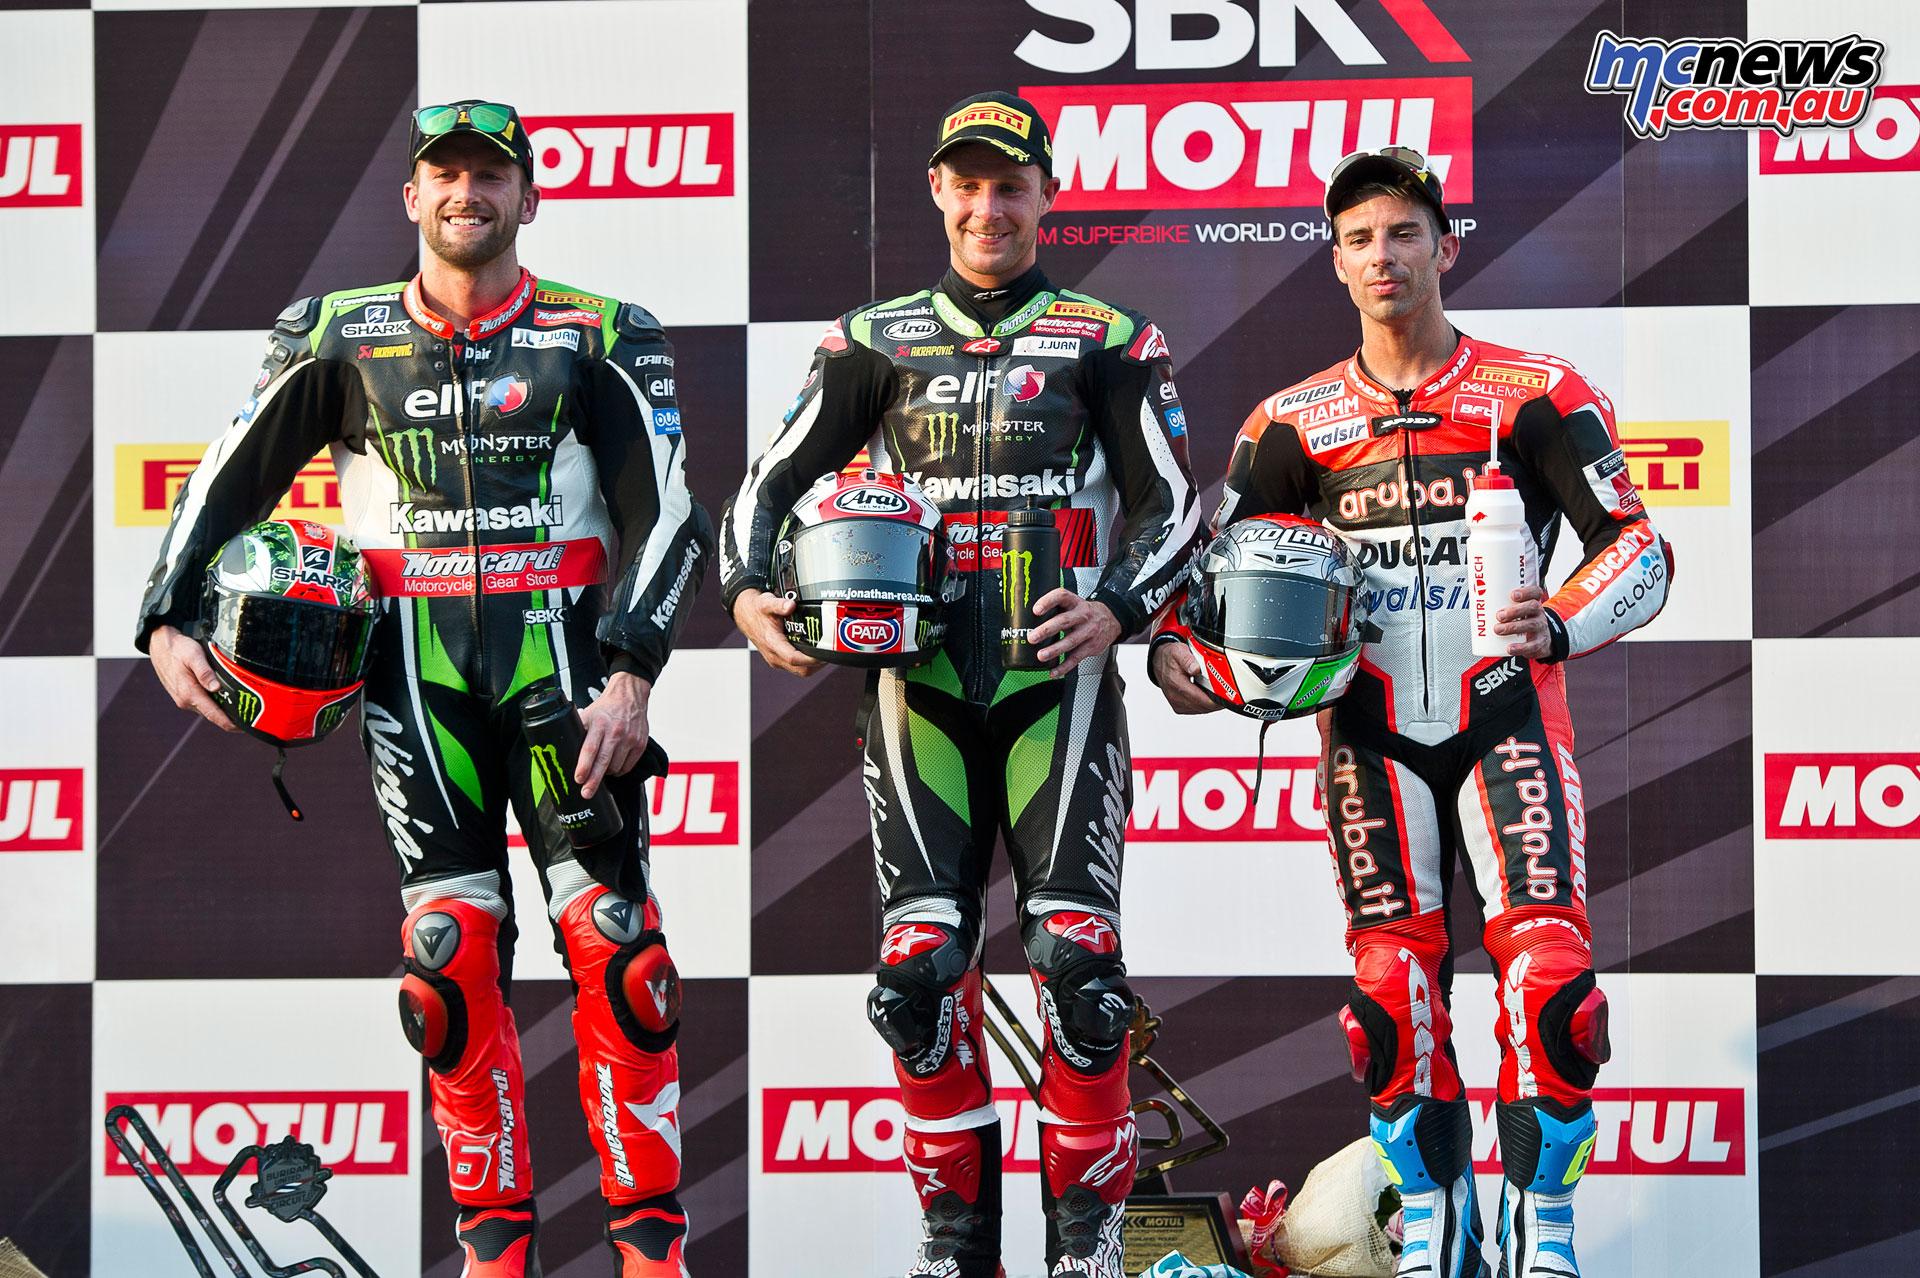 WorldSBK 2017 - Thailand - Race 2 Podium - Rea, Sykes, Melandri